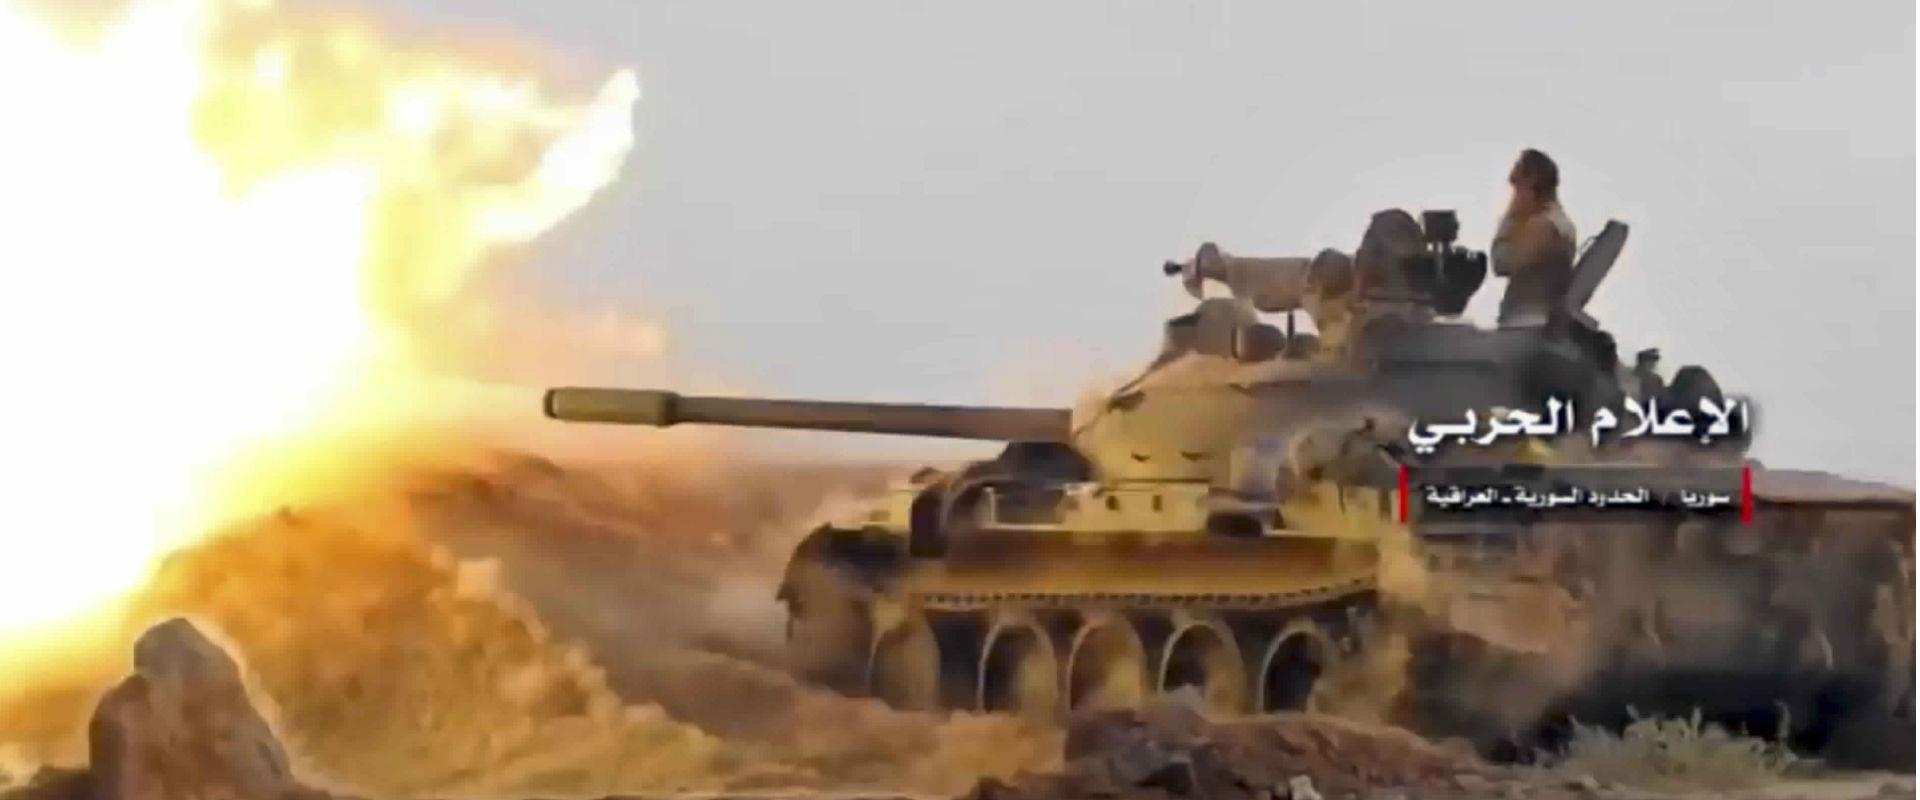 קרבות בין צבא סוריה לדאעש בעיר אלבוכמאל